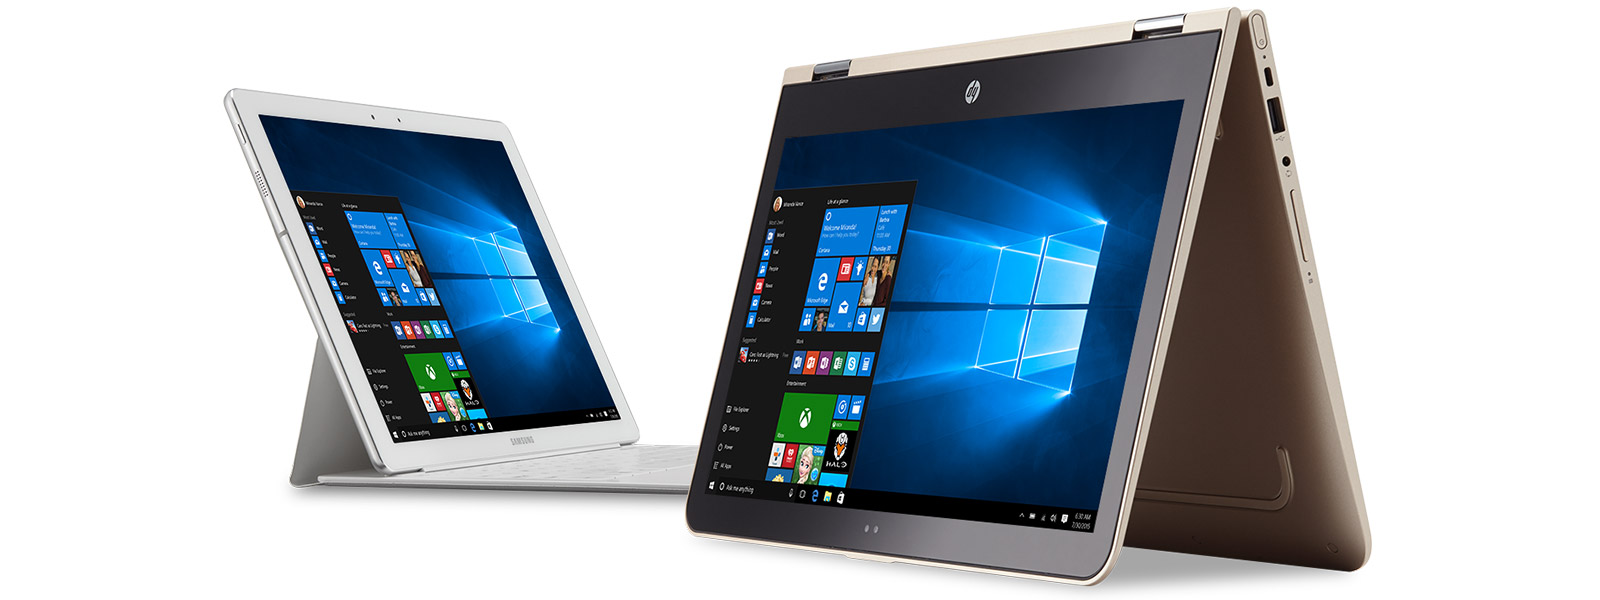 Скачать обновить до windows 10 с официального сайта последняя версия